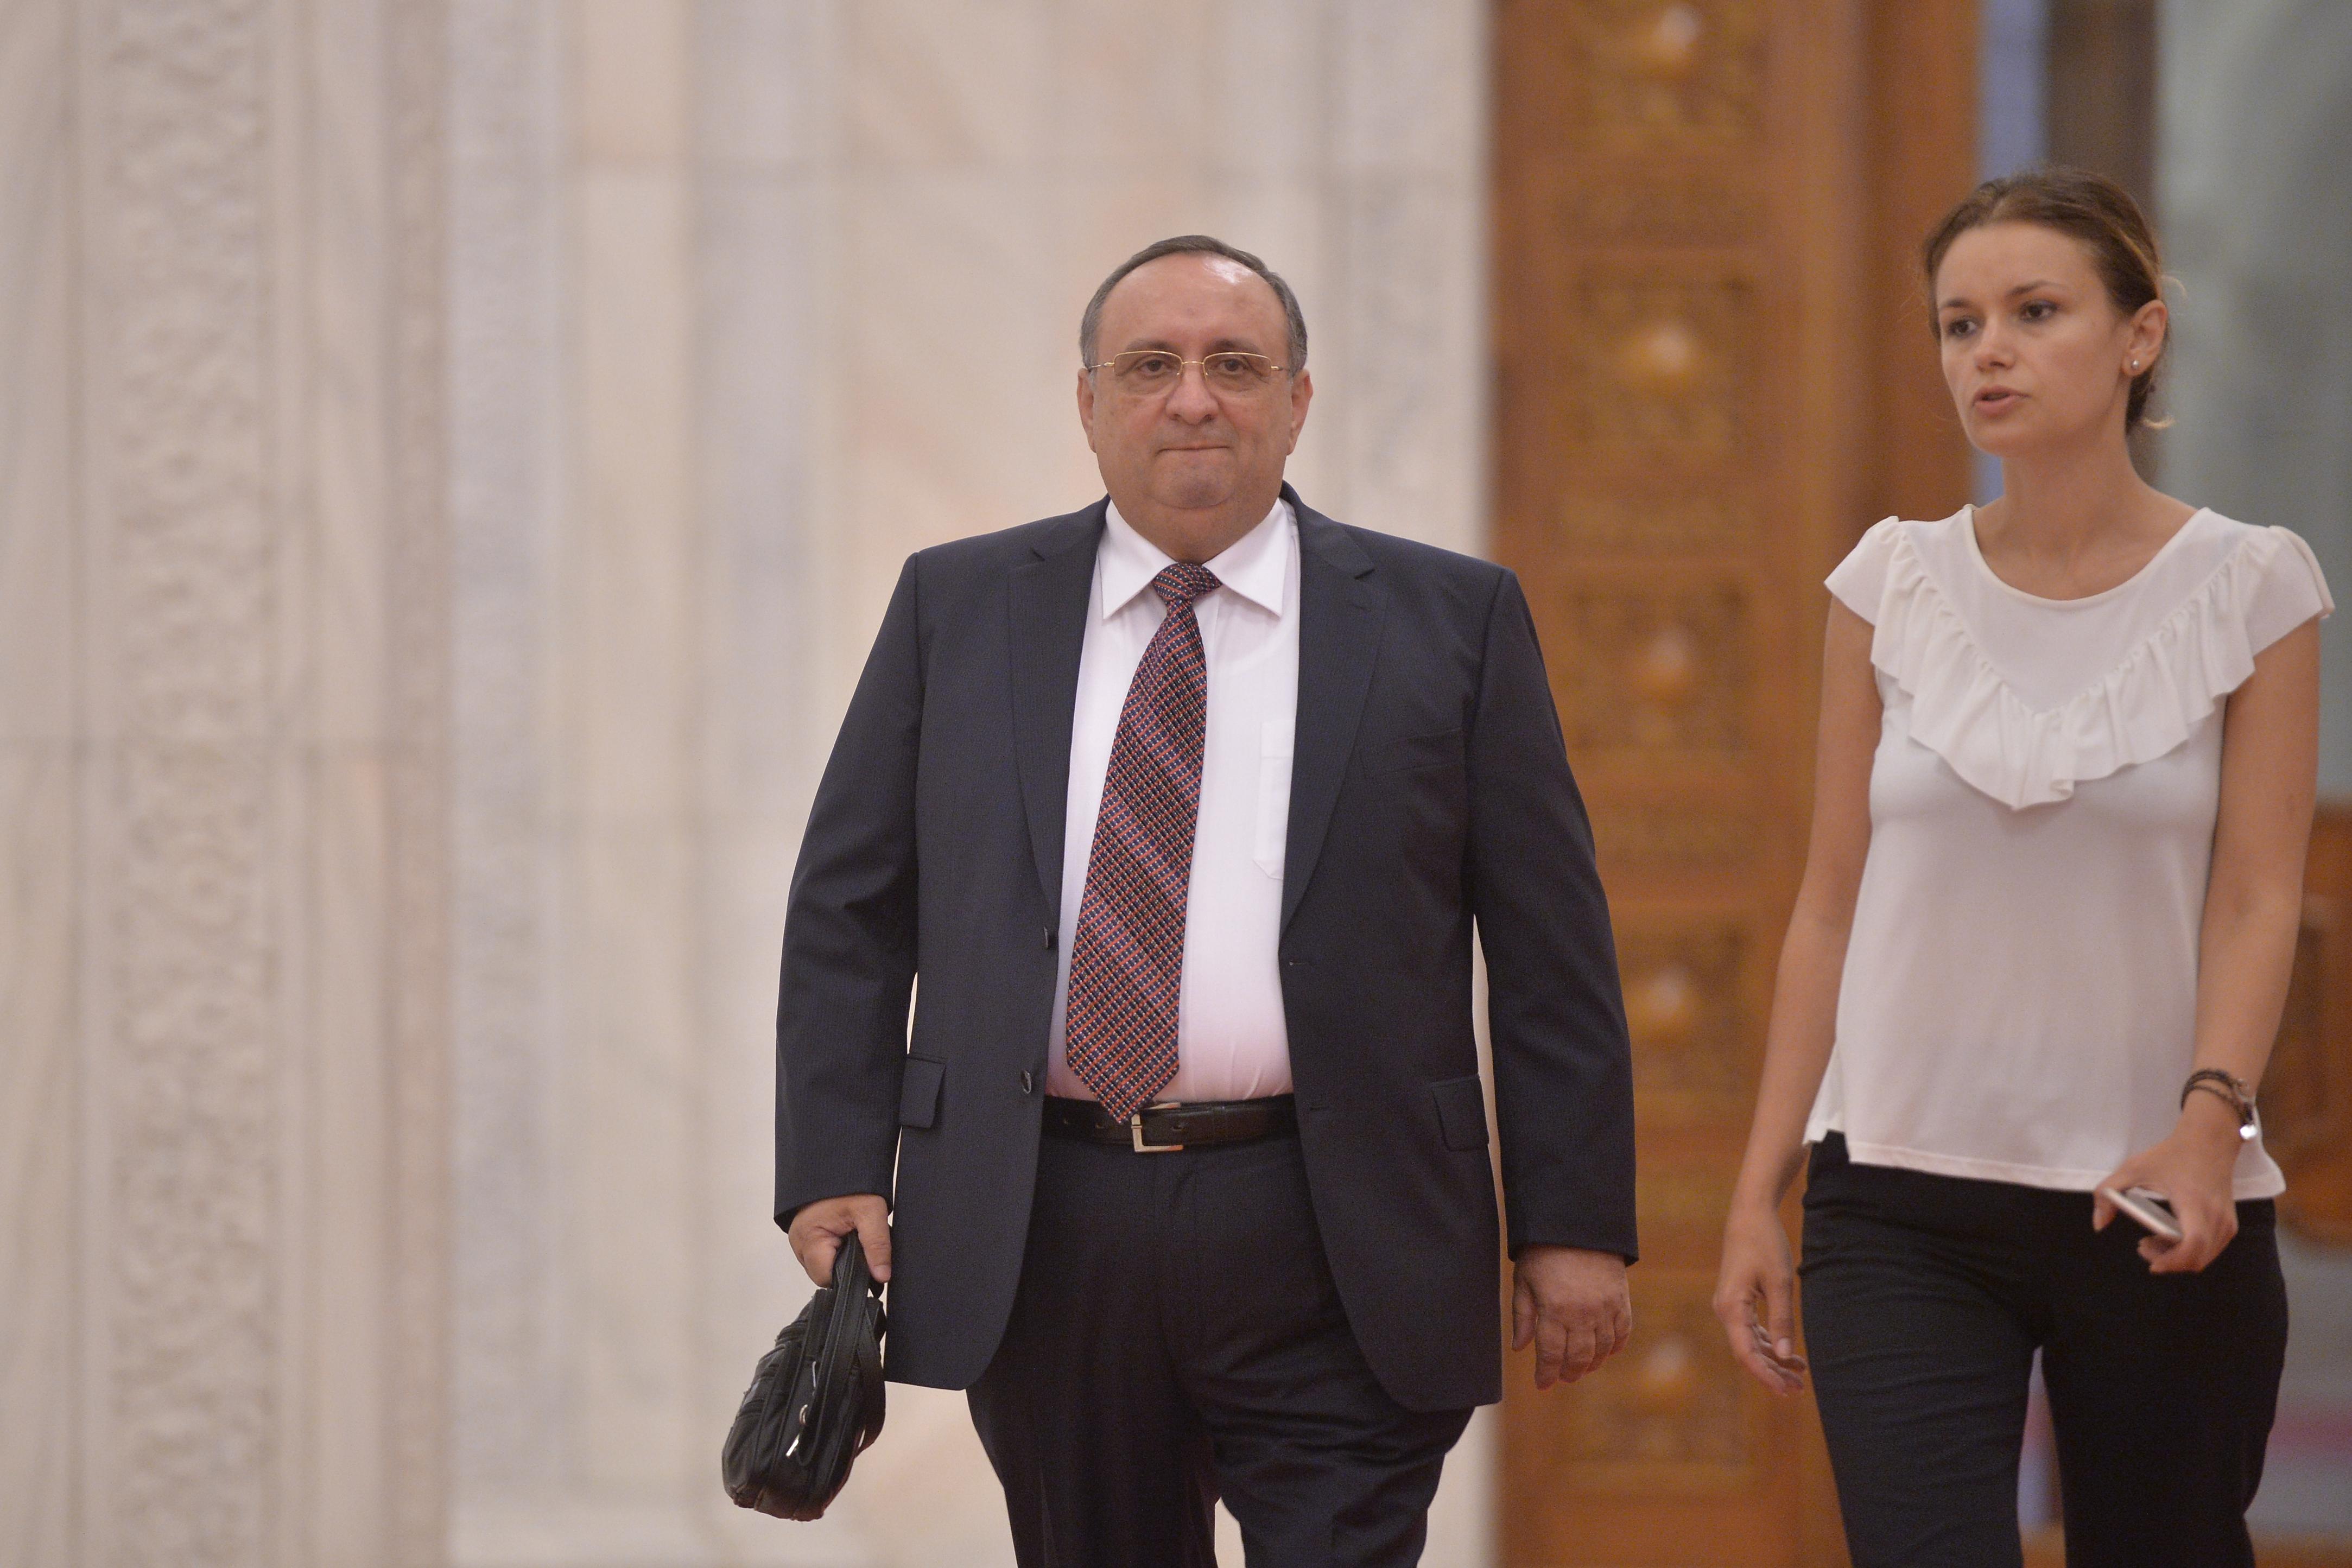 Mesaj al fostul şef SPP Dumitru Iliescu către ambasadorul Franţei: Aţi adus corupţia la noi. Nu faceţi pe lupul moralist